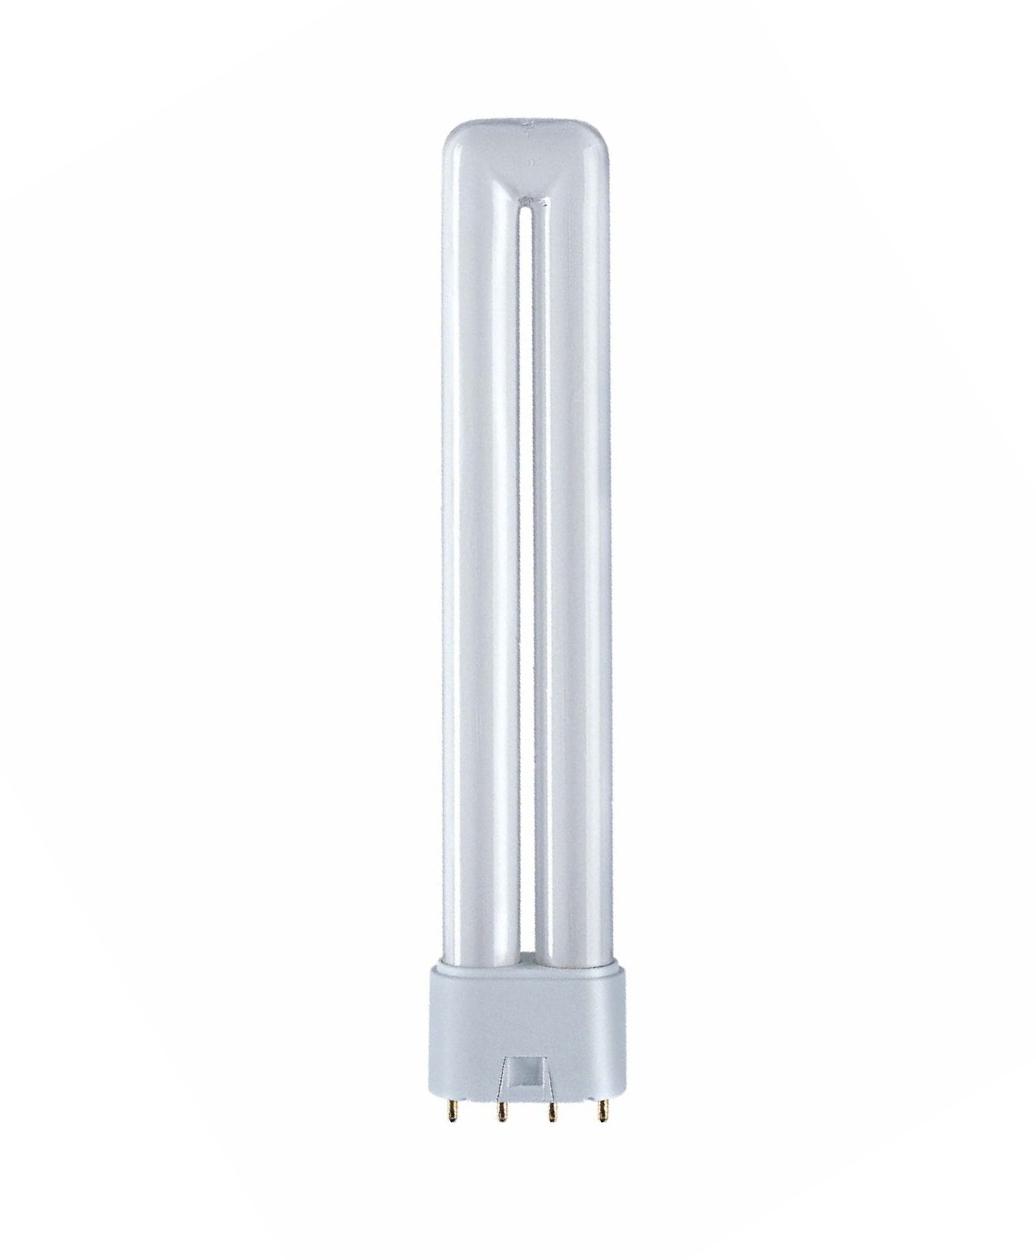 1 Stk TC-L 36W/860 2G 1, Tageslicht, Kompaktleuchtstofflampe LI62360012